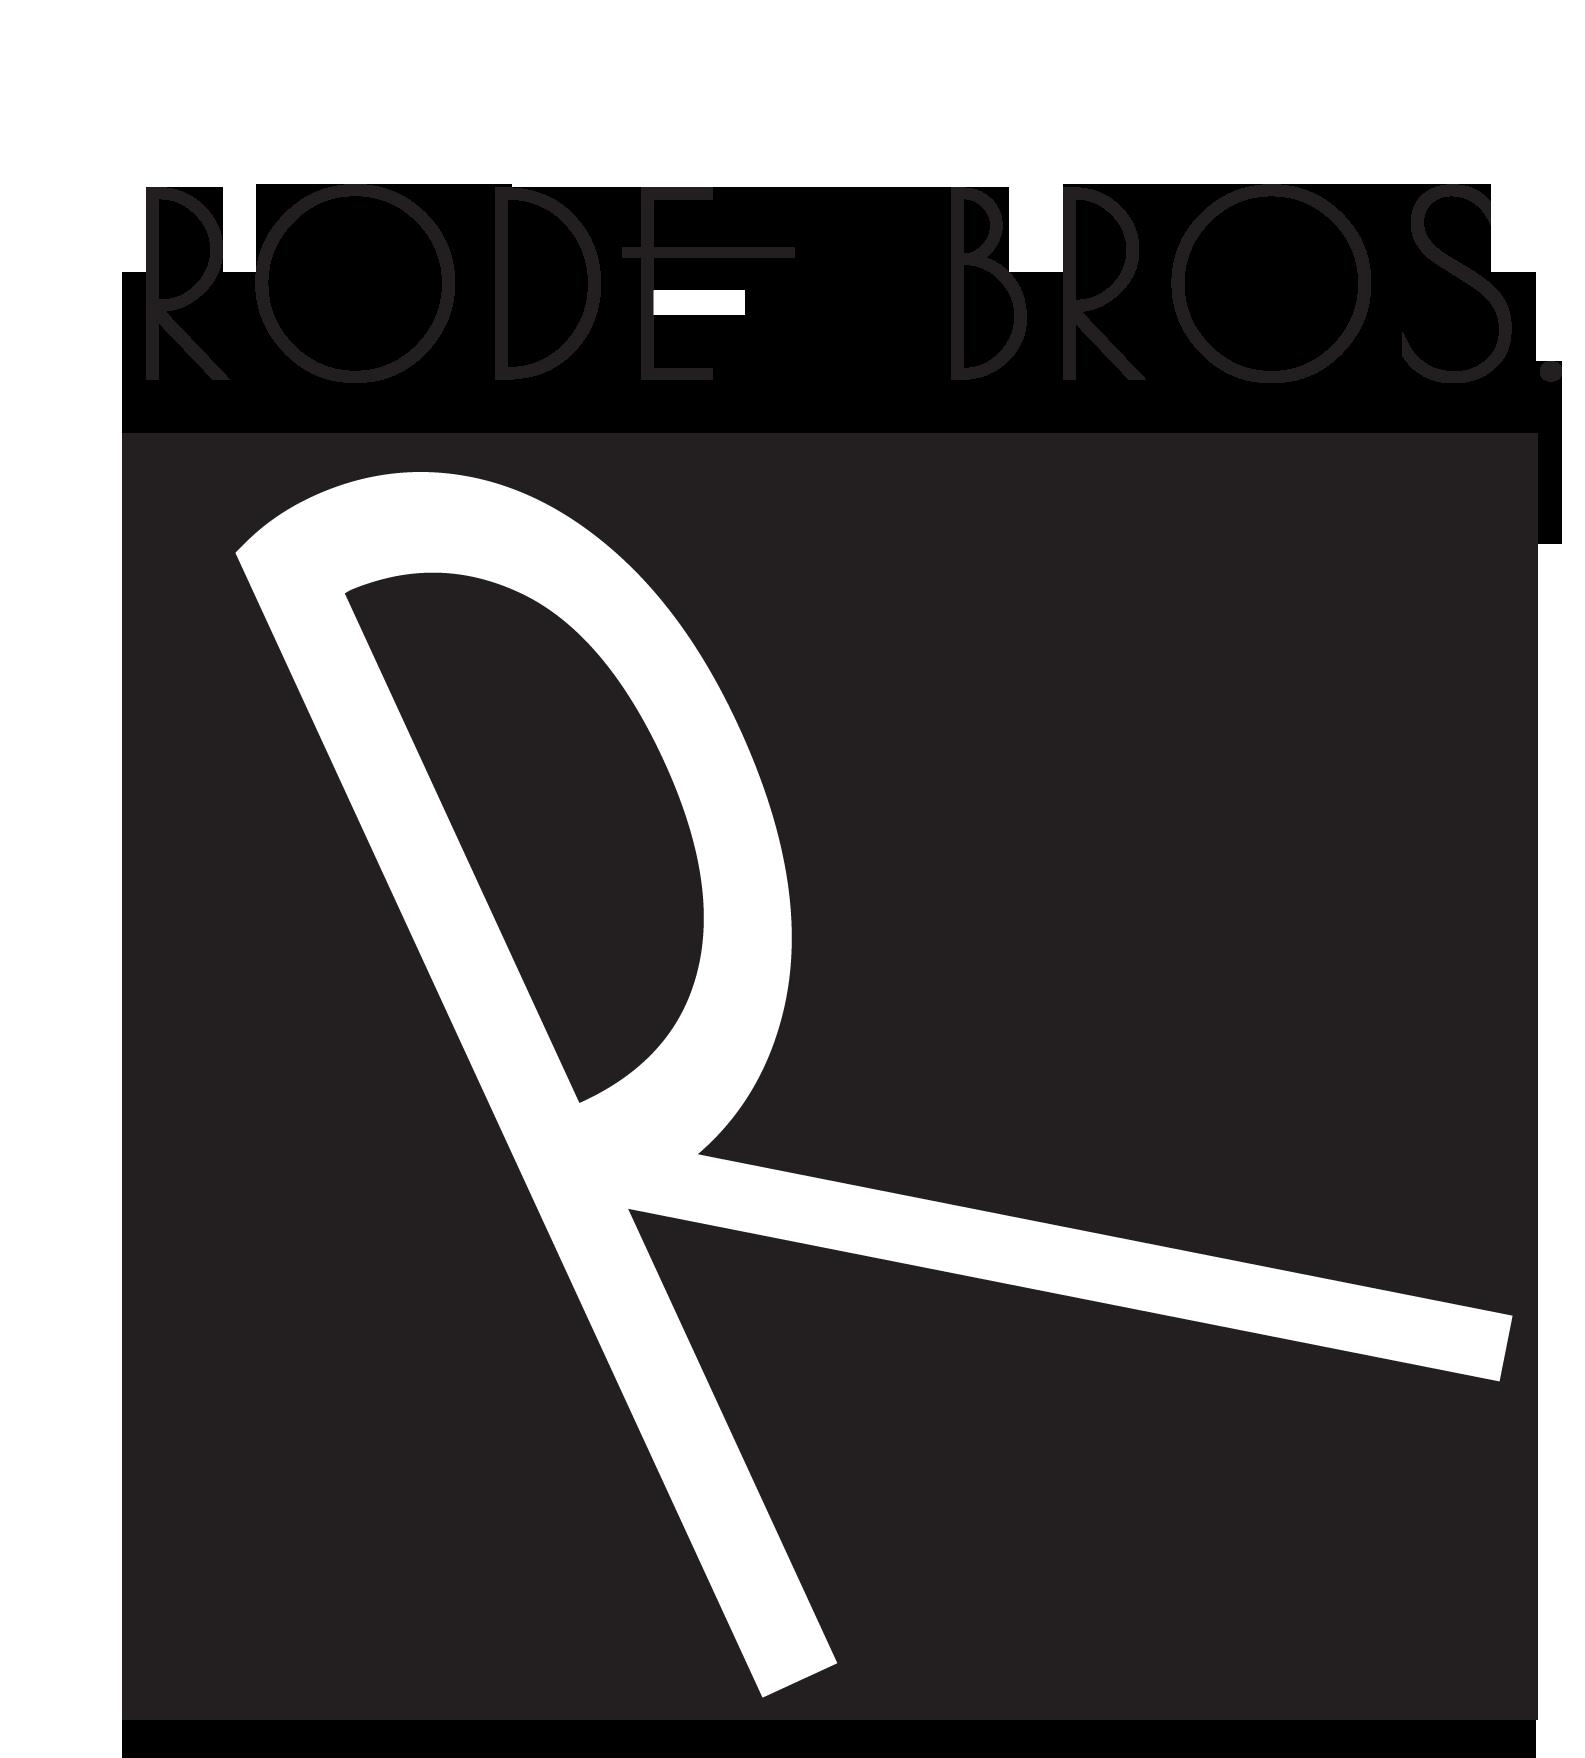 RODE-Vertical-Logo